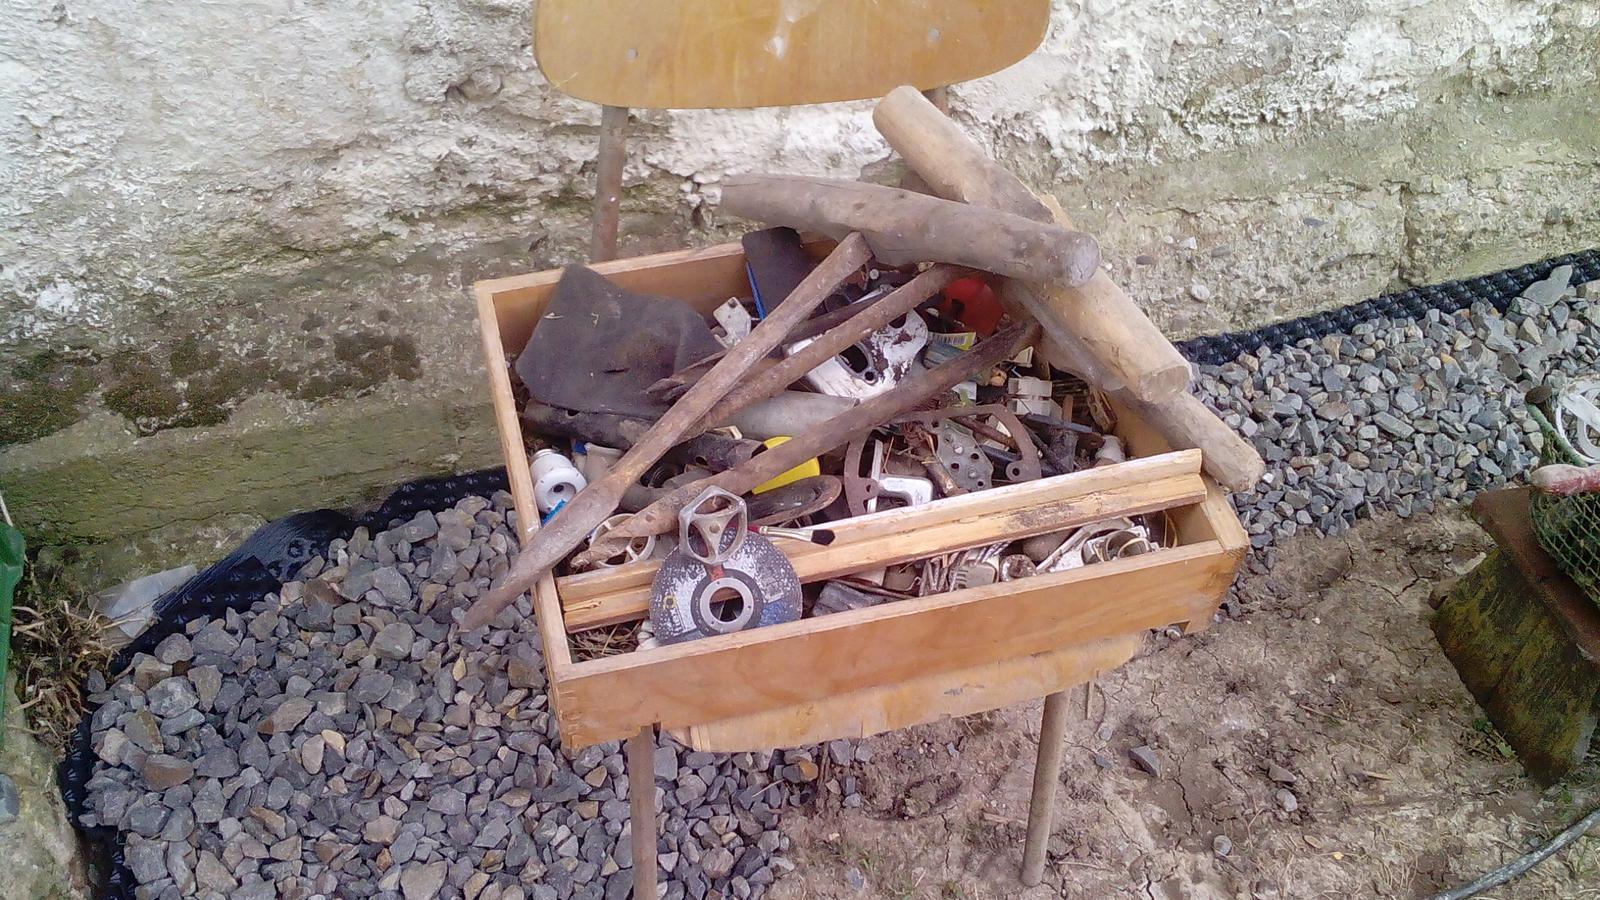 Poklady z našich chalúp - Všehochuť náradia povynášaného zo šopy